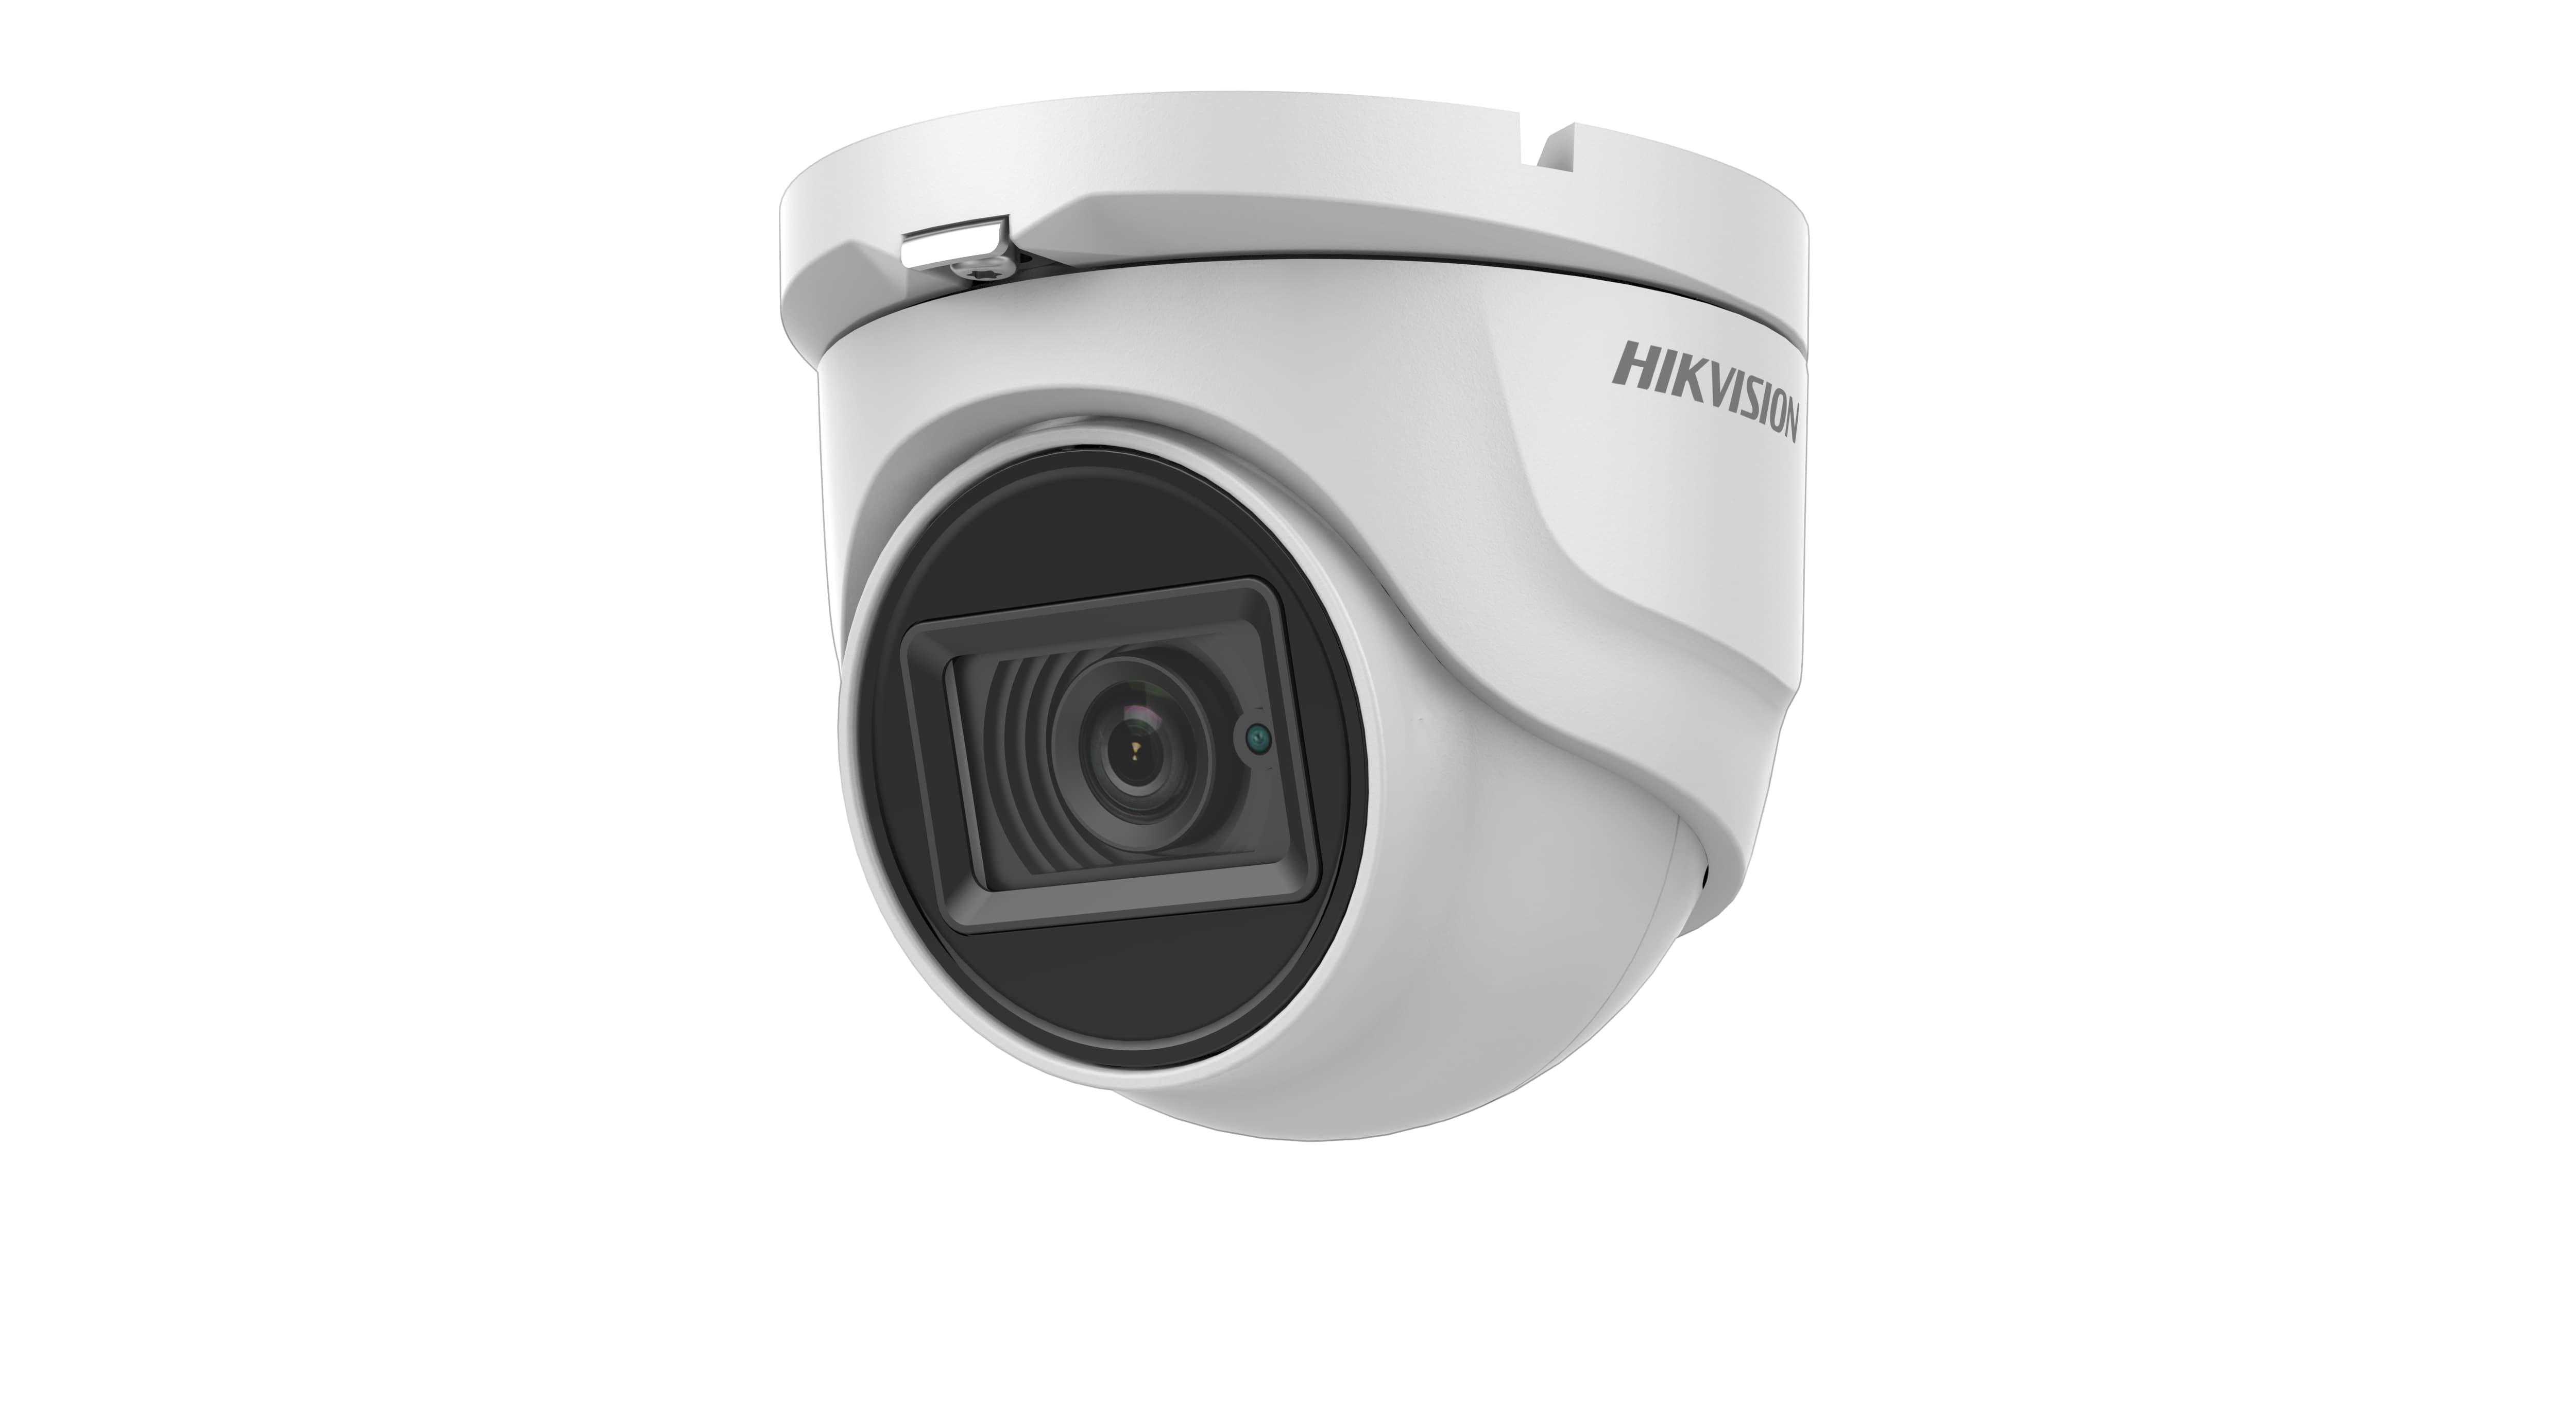 Hikvision dome DS-2CE76H0T-ITPFS F2.8